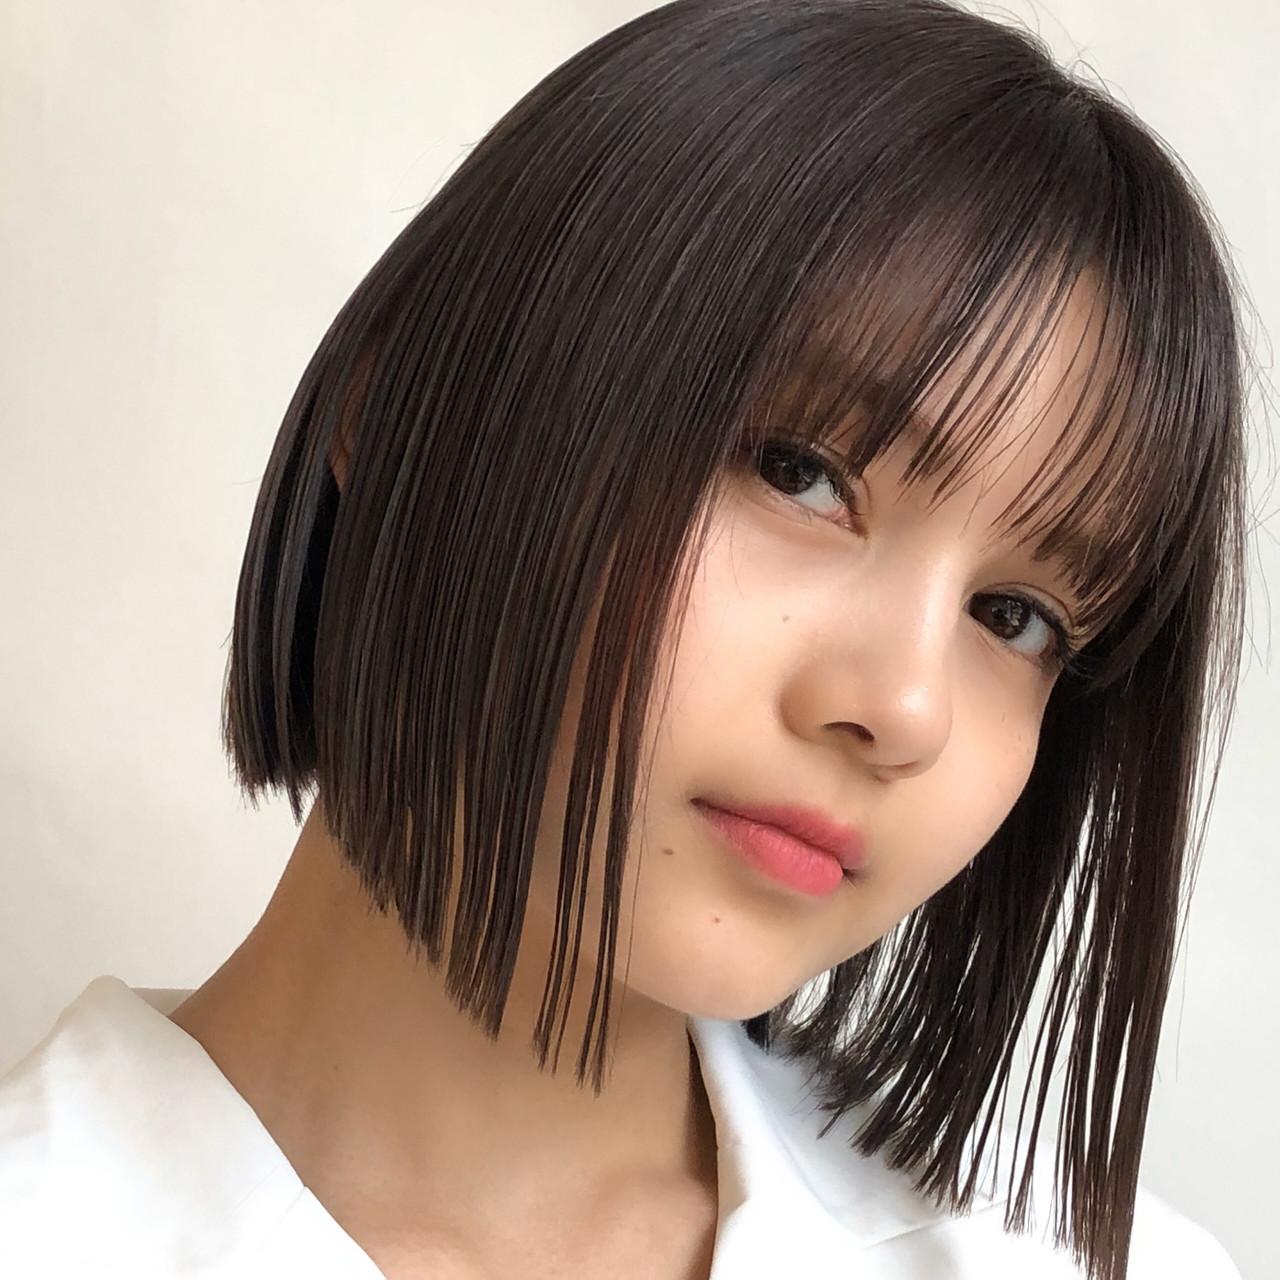 透明感カラー 切りっぱなしボブ シースルーバング ナチュラル ヘアスタイルや髪型の写真・画像